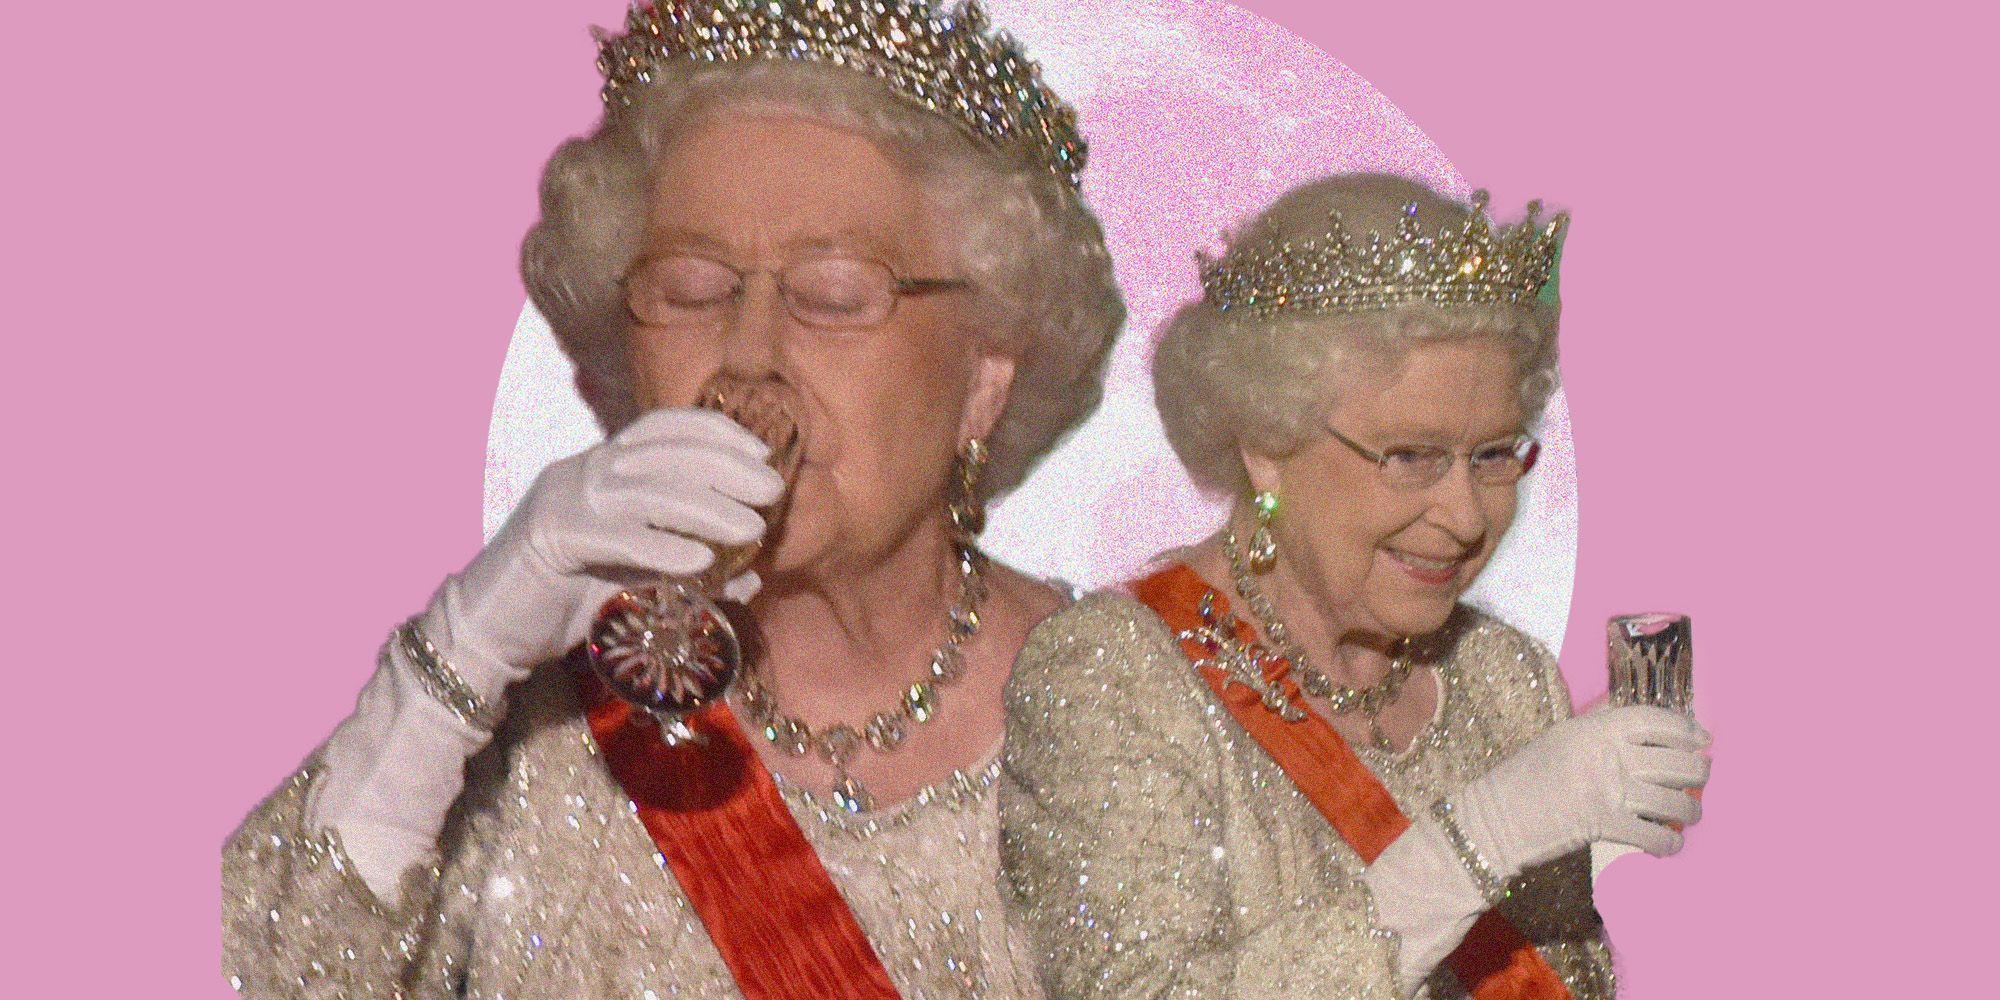 Arriva il gin della Regina Elisabetta che ti fa brindare come una royal a Buckingham Palace